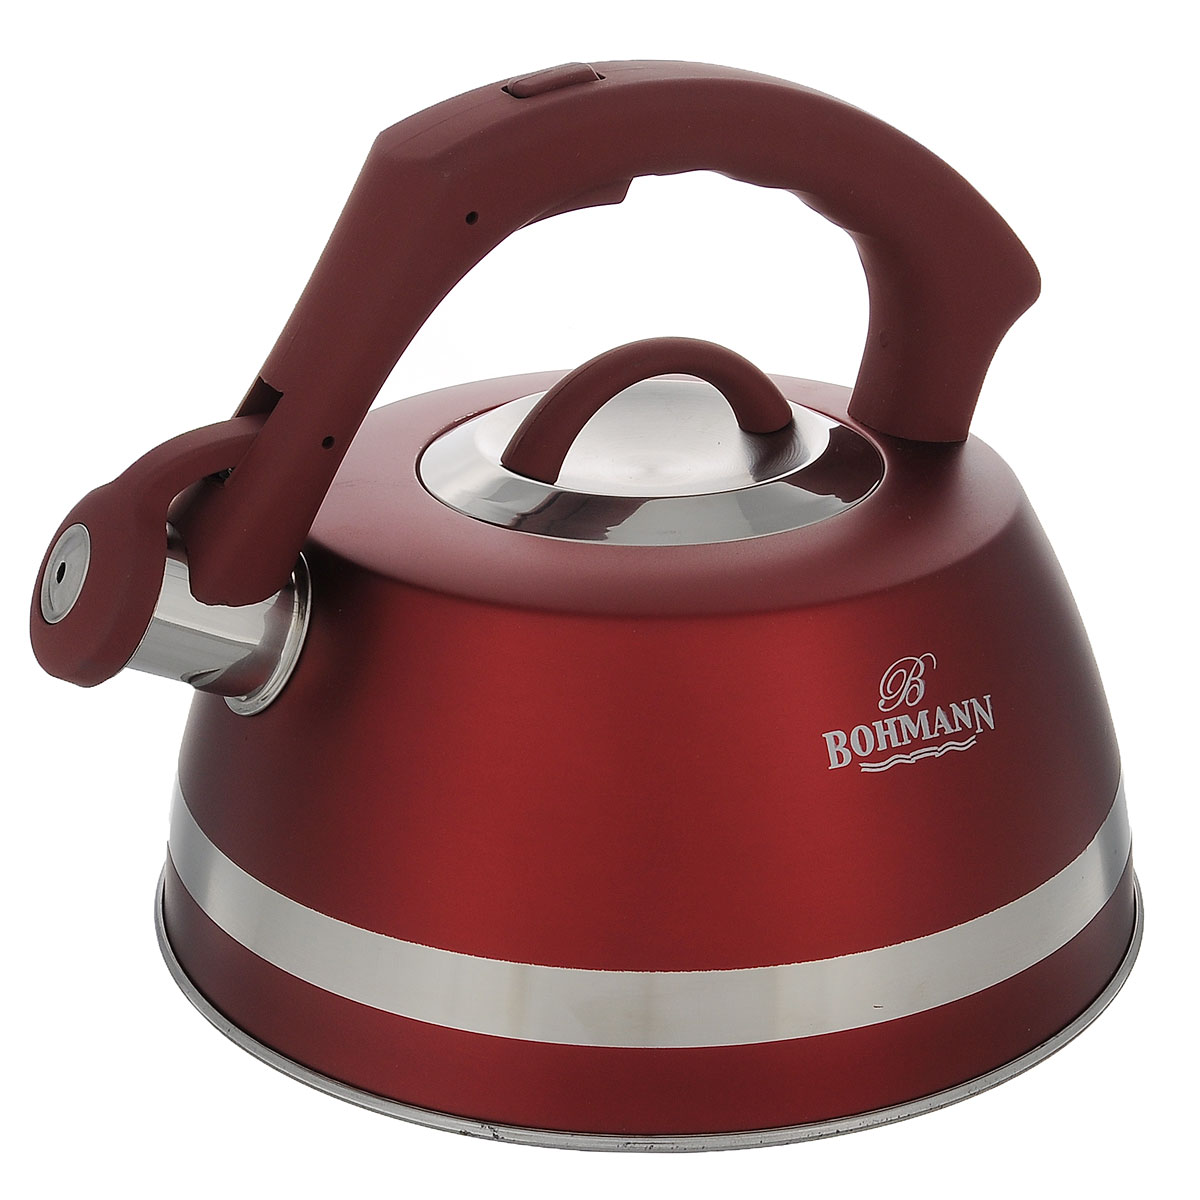 Чайник Bohmann со свистком, цвет: красный, 3,5 л. BH - 9967BH - 9967Чайник Bohmann изготовлен из высококачественной нержавеющей стали с матовым цветным покрытием. Фиксированная ручка изготовлена из бакелита с прорезиненным покрытием. Носик чайника оснащен откидным свистком, звуковой сигнал которого подскажет, когда закипит вода. Свисток открывается нажатием кнопки на ручке.Чайник Bohmann - качественное исполнение и стильное решение для вашей кухни. Подходит для использования на газовых, стеклокерамических, электрических, галогеновых и индукционных плитах. Нельзя мыть в посудомоечной машине.